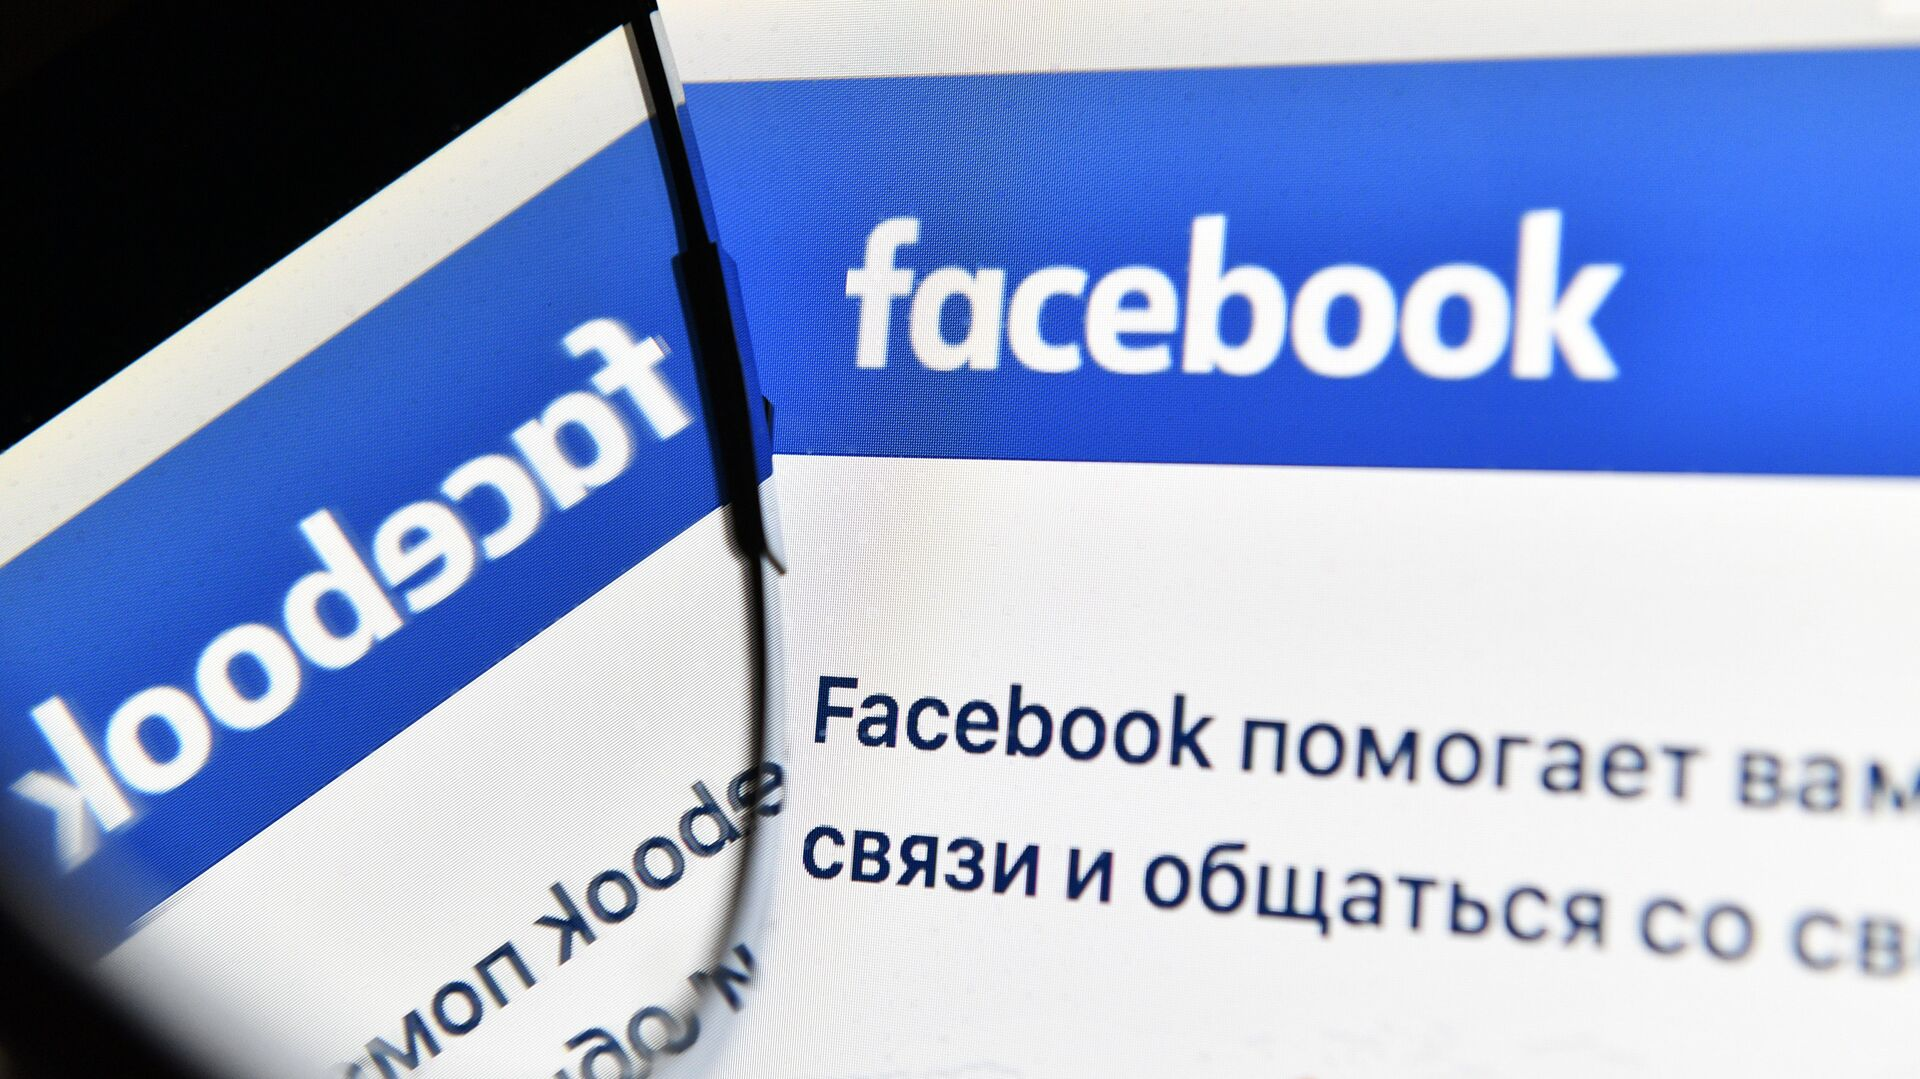 Социальная сеть Фейсбук - Sputnik Беларусь, 1920, 08.10.2021